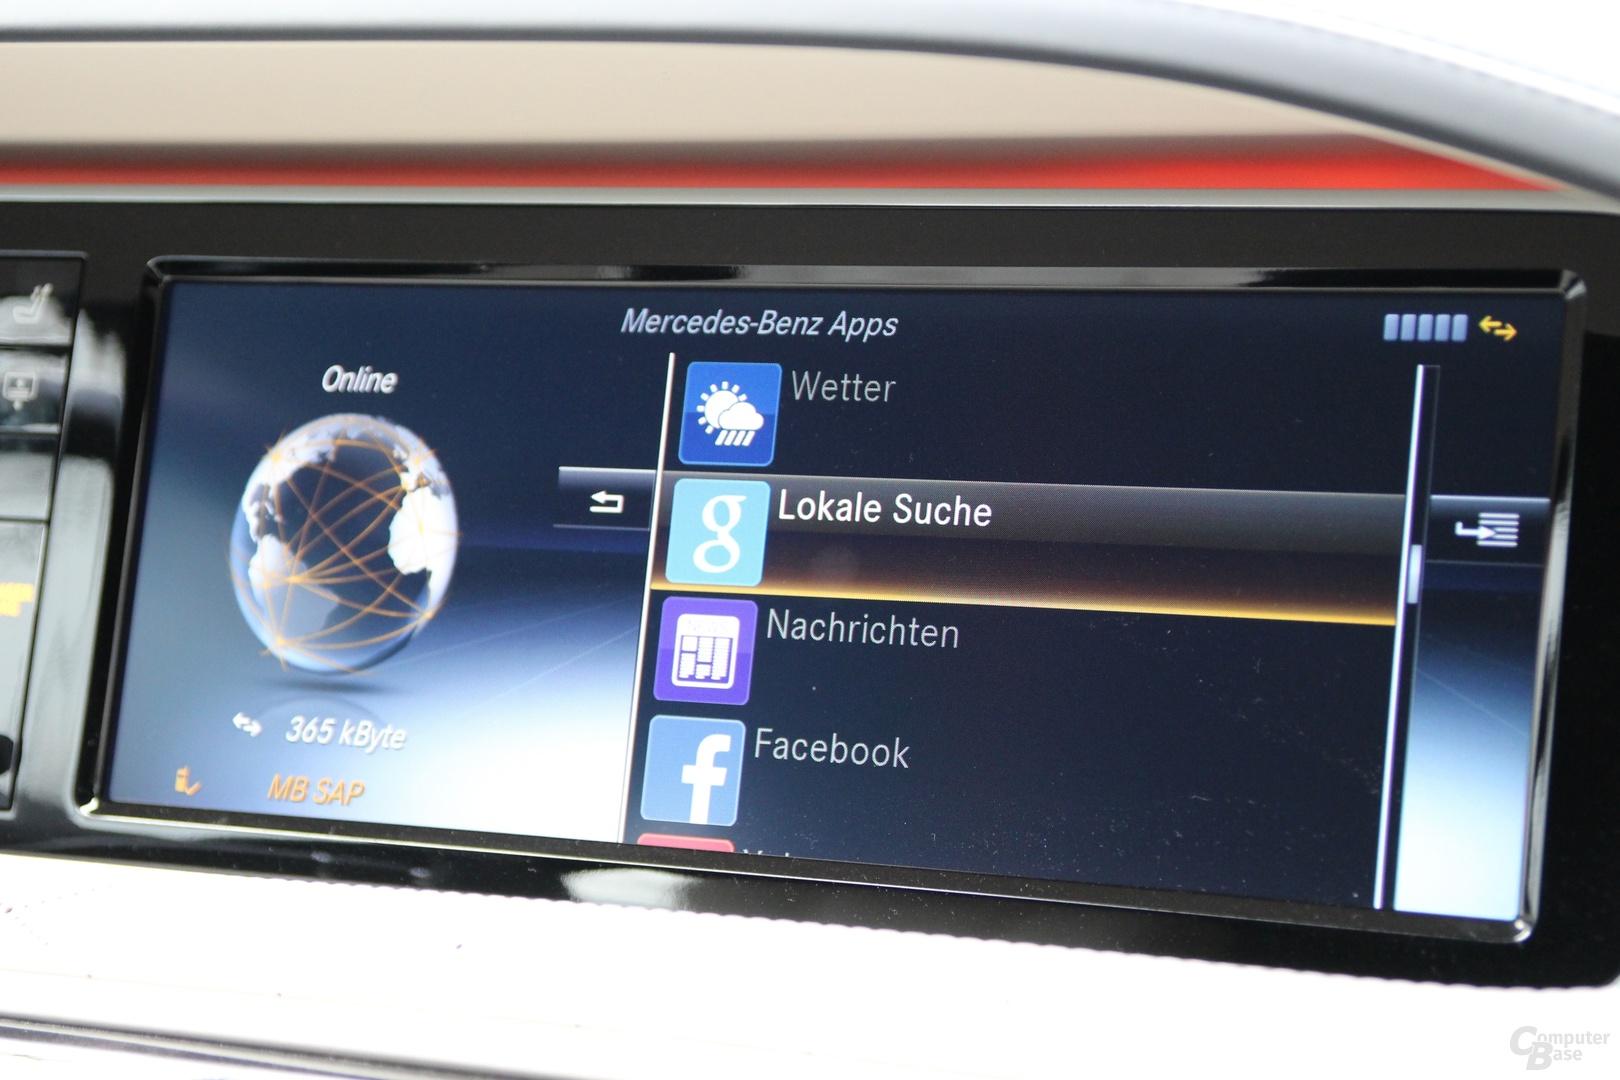 Das App-Angebot von Mercedes-Benz hält sich stark in Grenzen